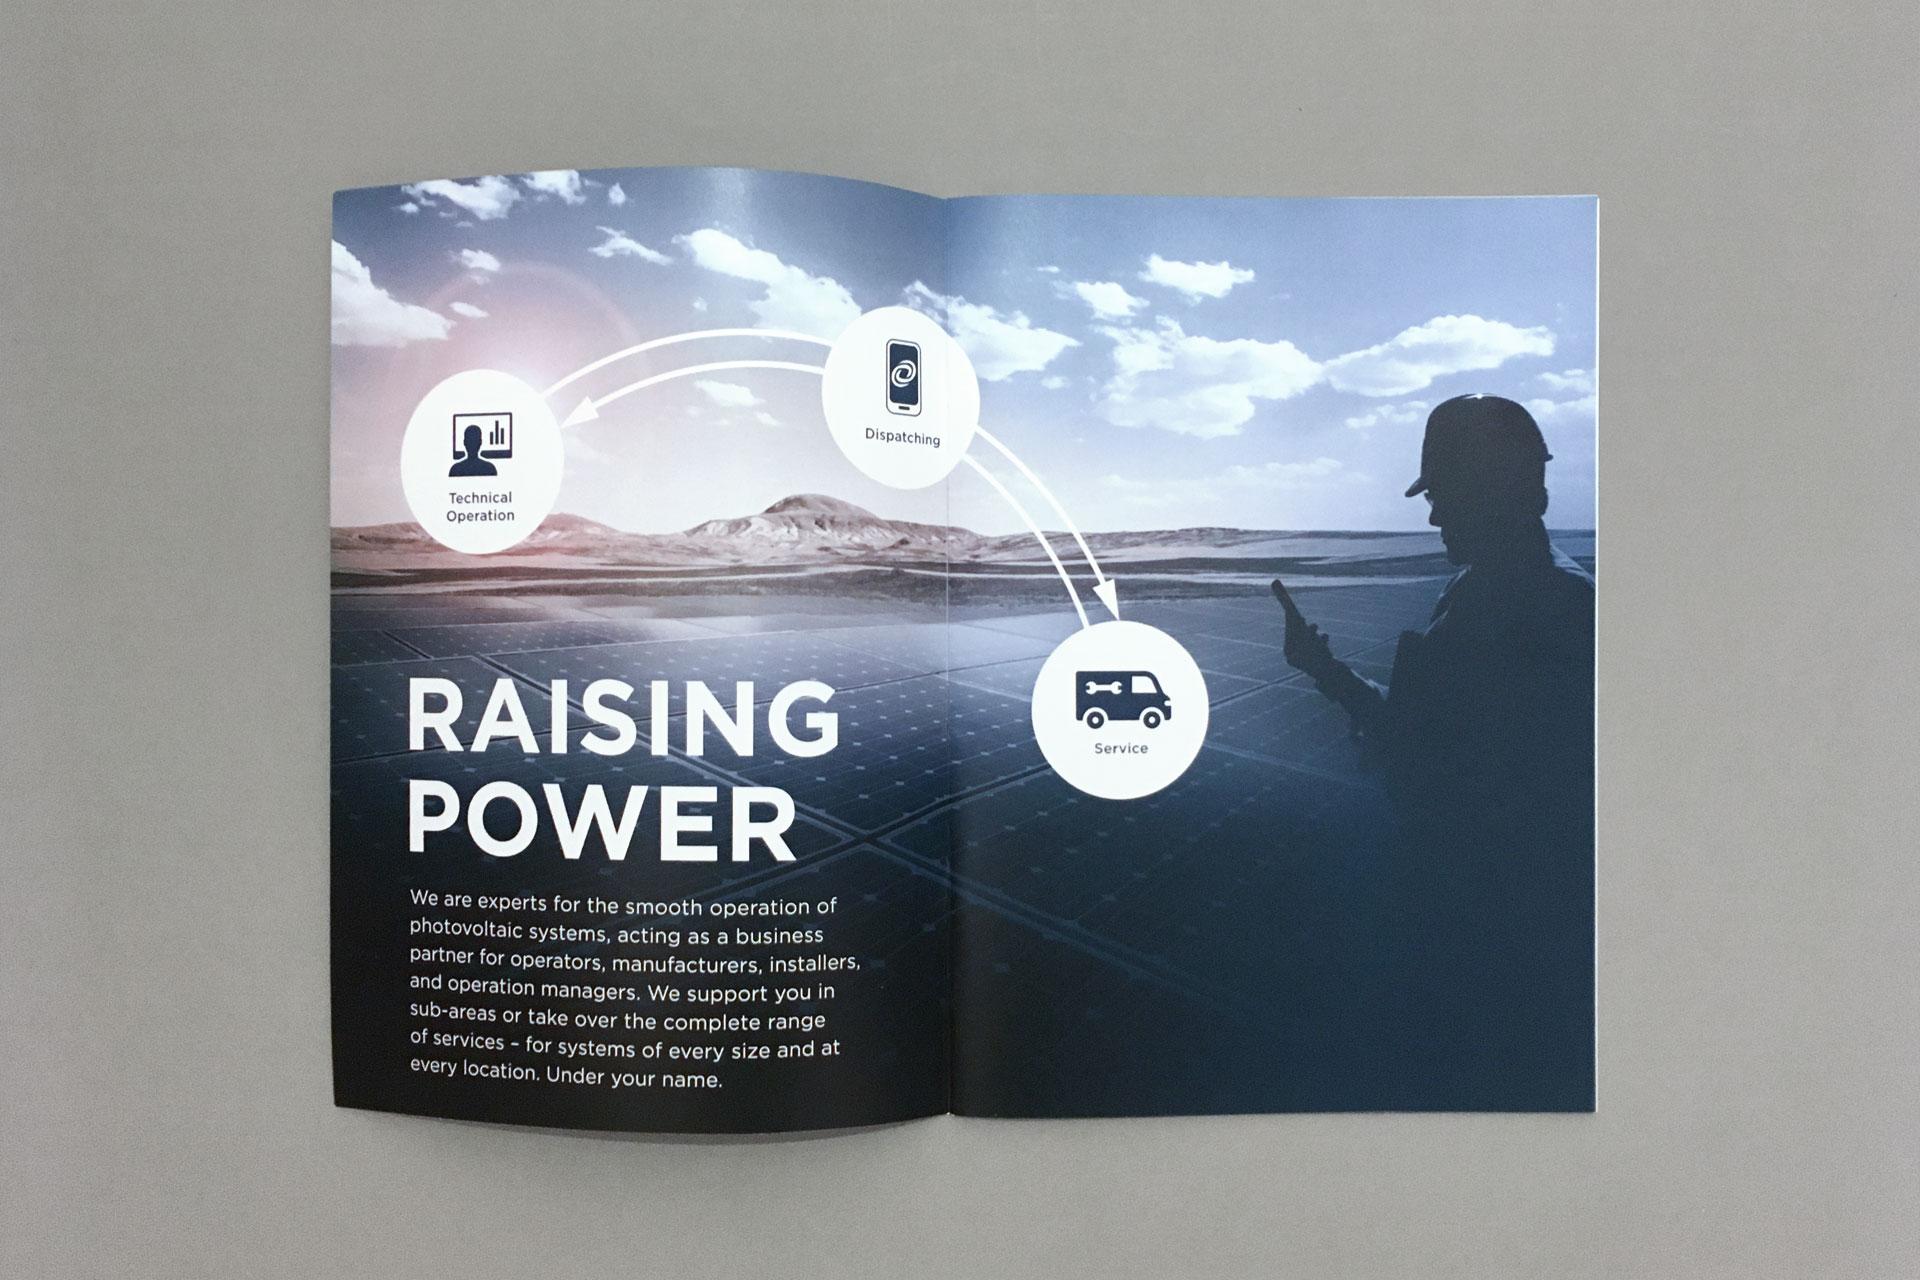 Raising Power Broschüre von Werbeagentur communicativa München